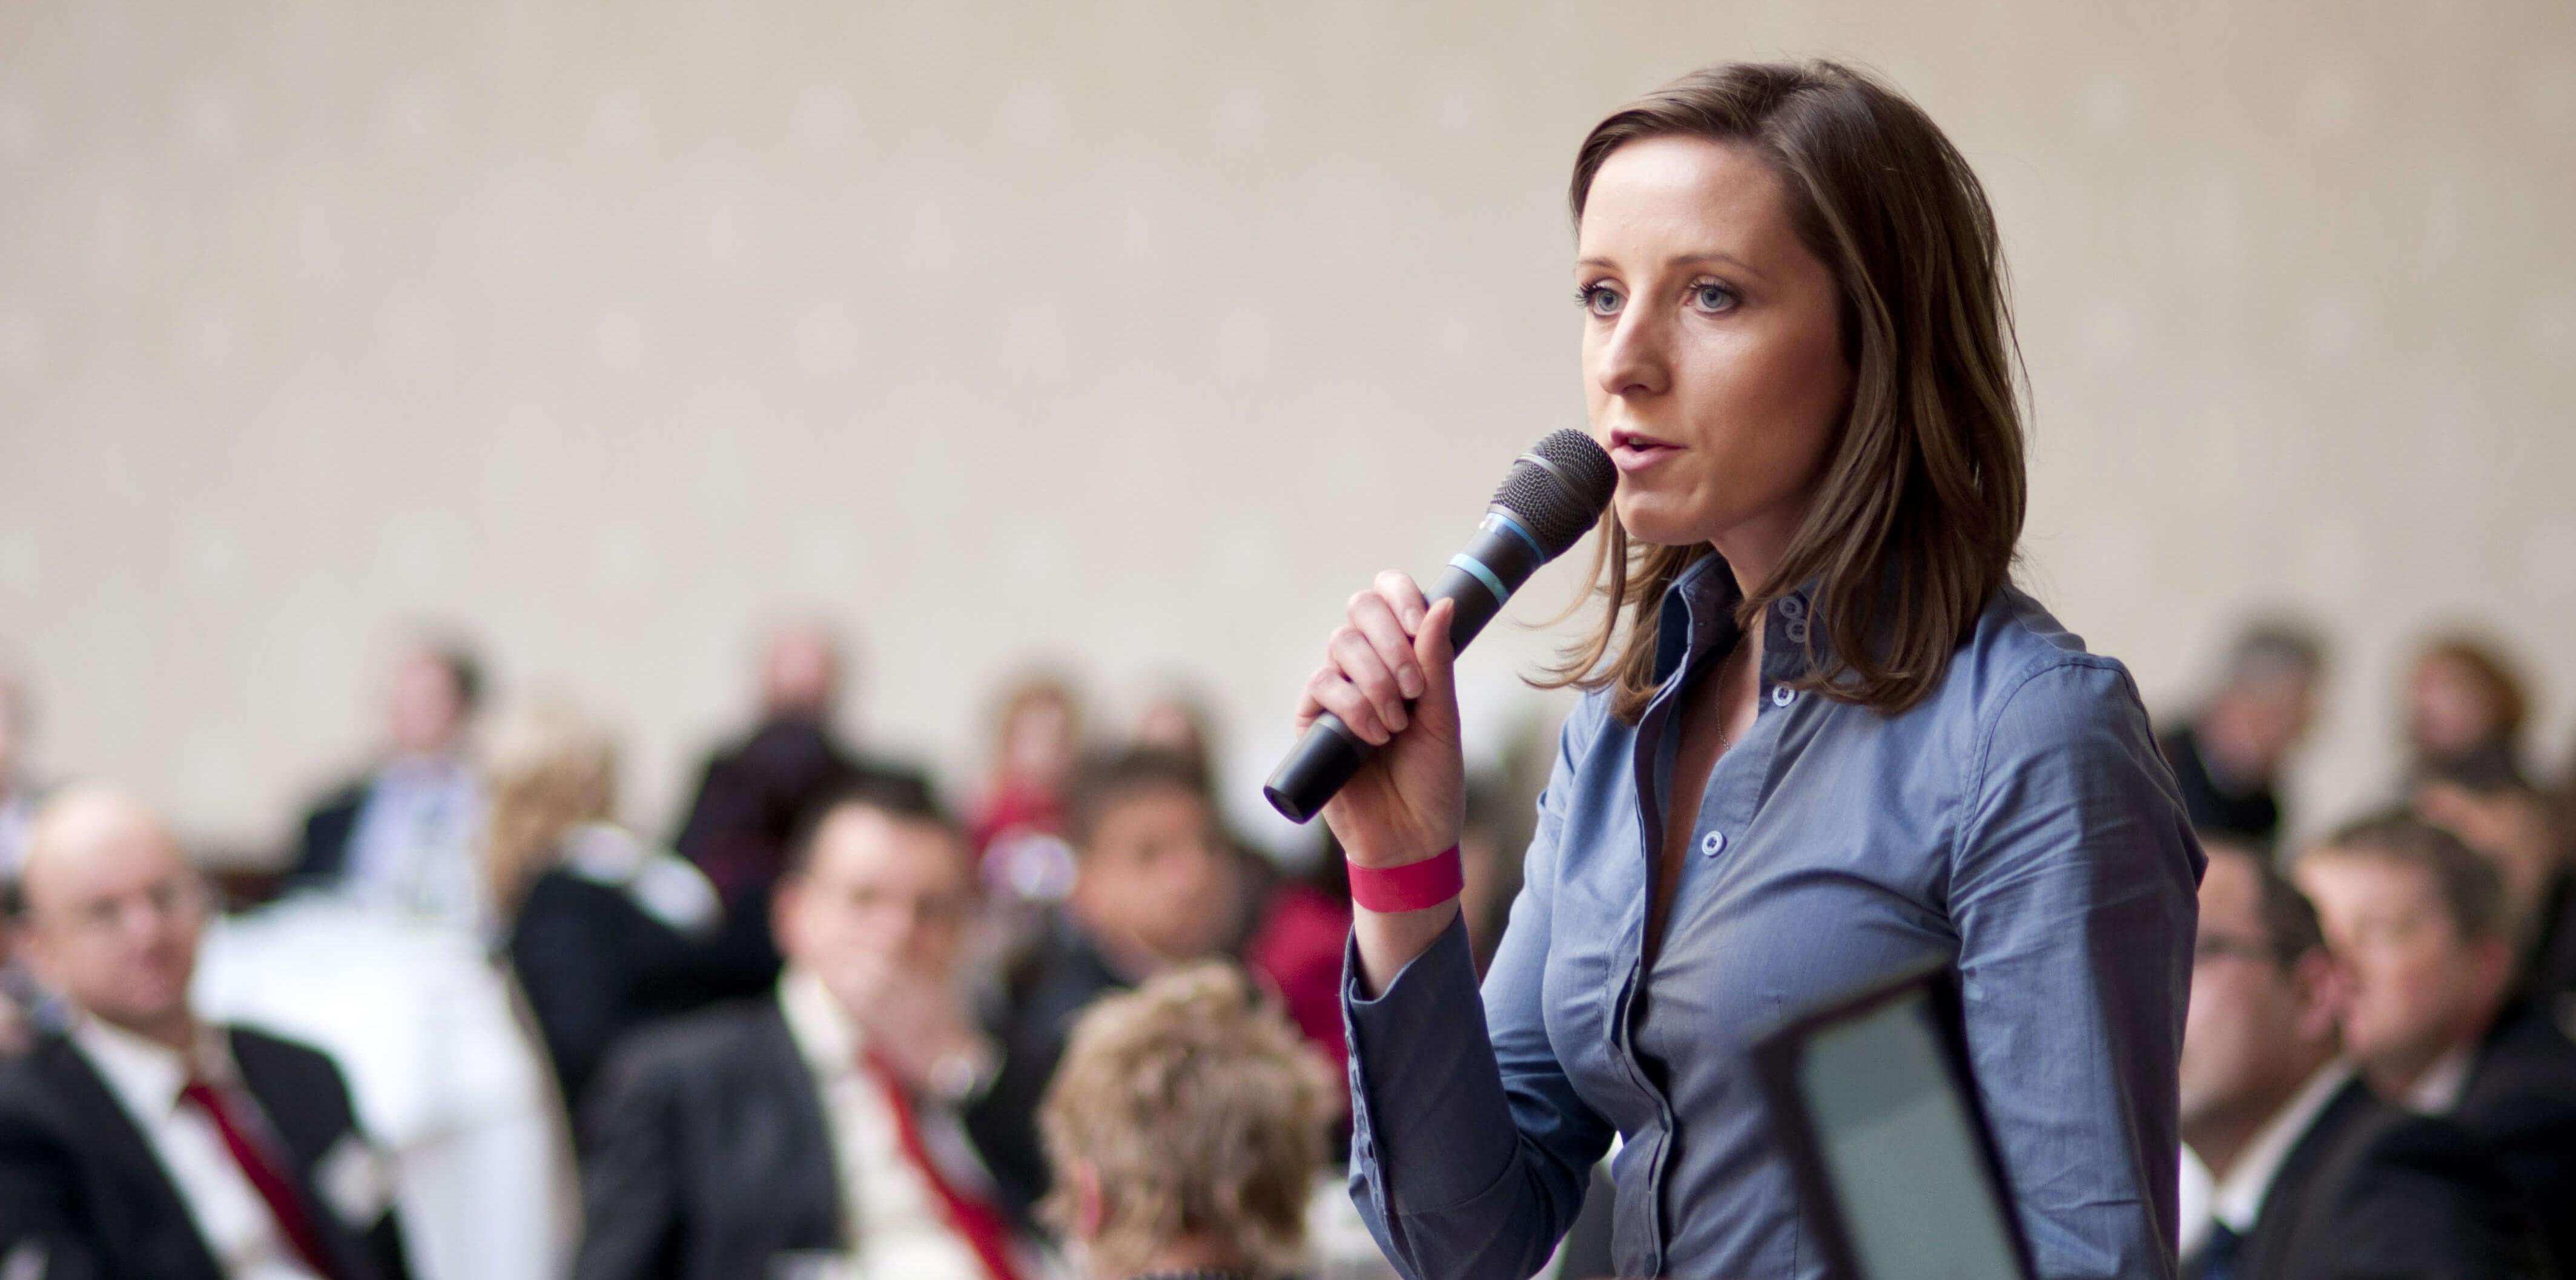 Structurer son discours efficacement, concevoir des slides impactantes et prendre la parole avec aisance et conviction.